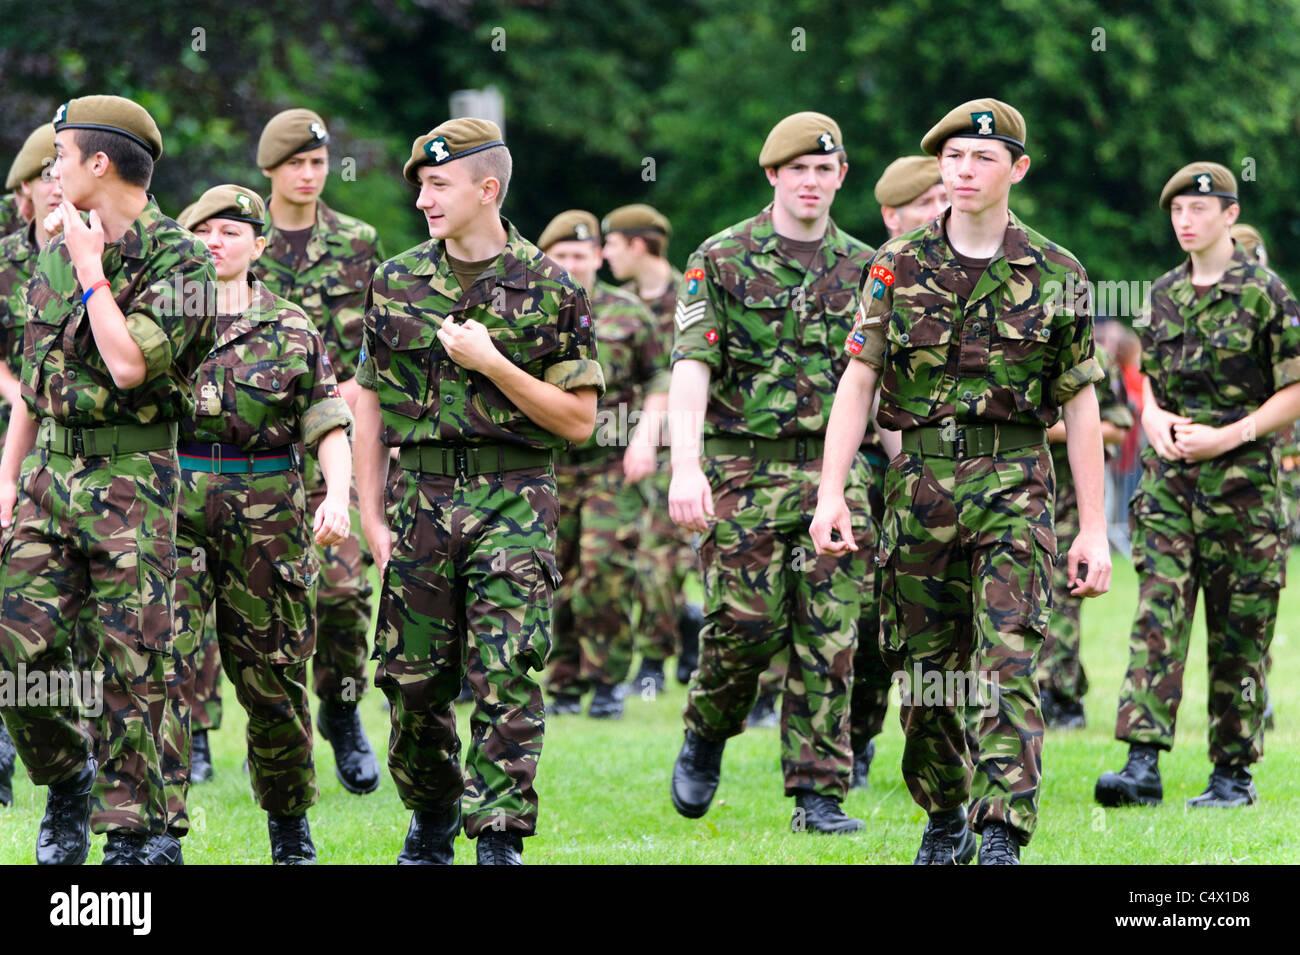 ACF Army Cadet Force Boys & Girls, Journée des Forces armées, Bute Park, Cardiff, Pays de Galles, Photo Stock